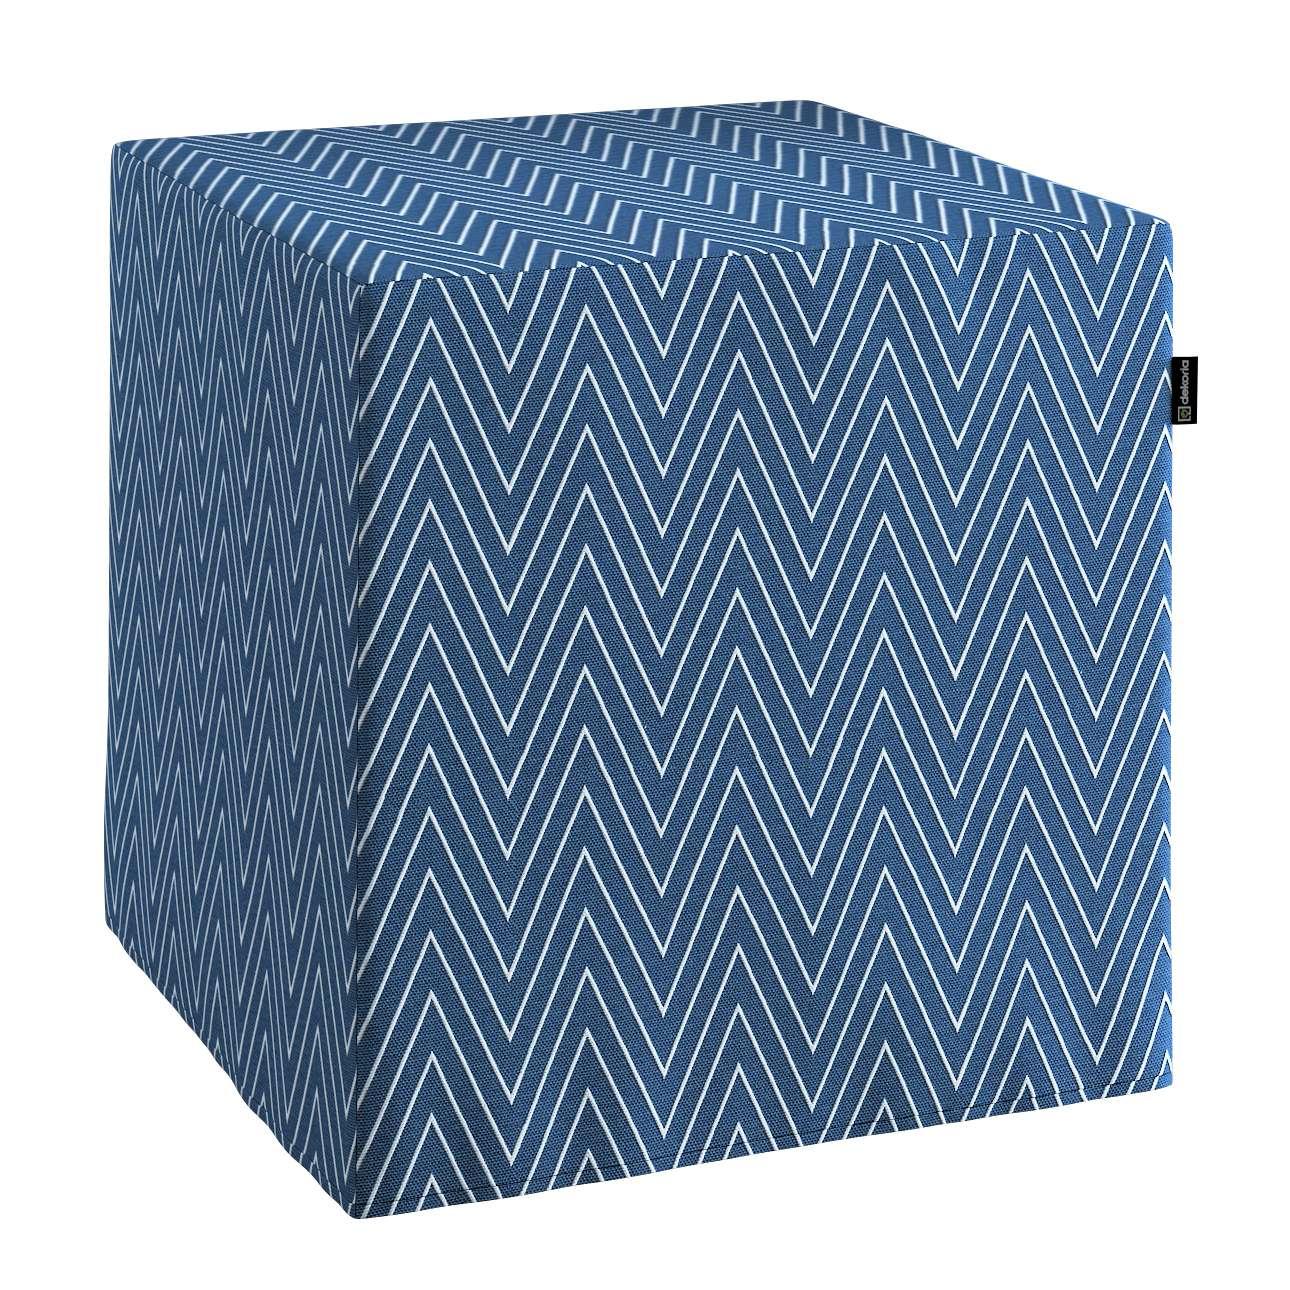 Pokrowiec na pufę kostke kostka 40x40x40 cm w kolekcji Brooklyn, tkanina: 137-88